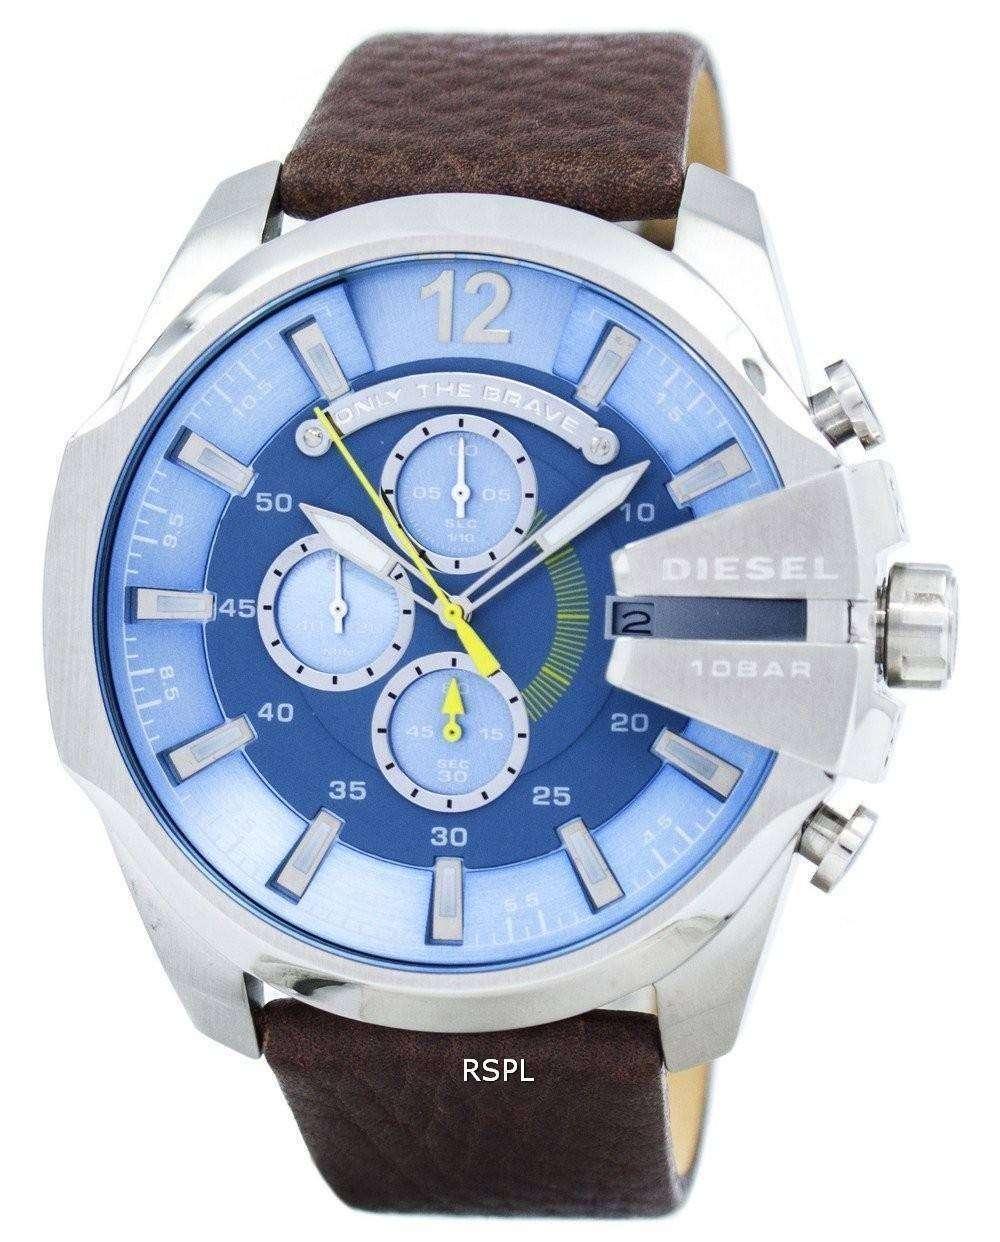 ディーゼル メガ チーフ クロノグラフ ブルー ダイヤル DZ4281 メンズ腕時計